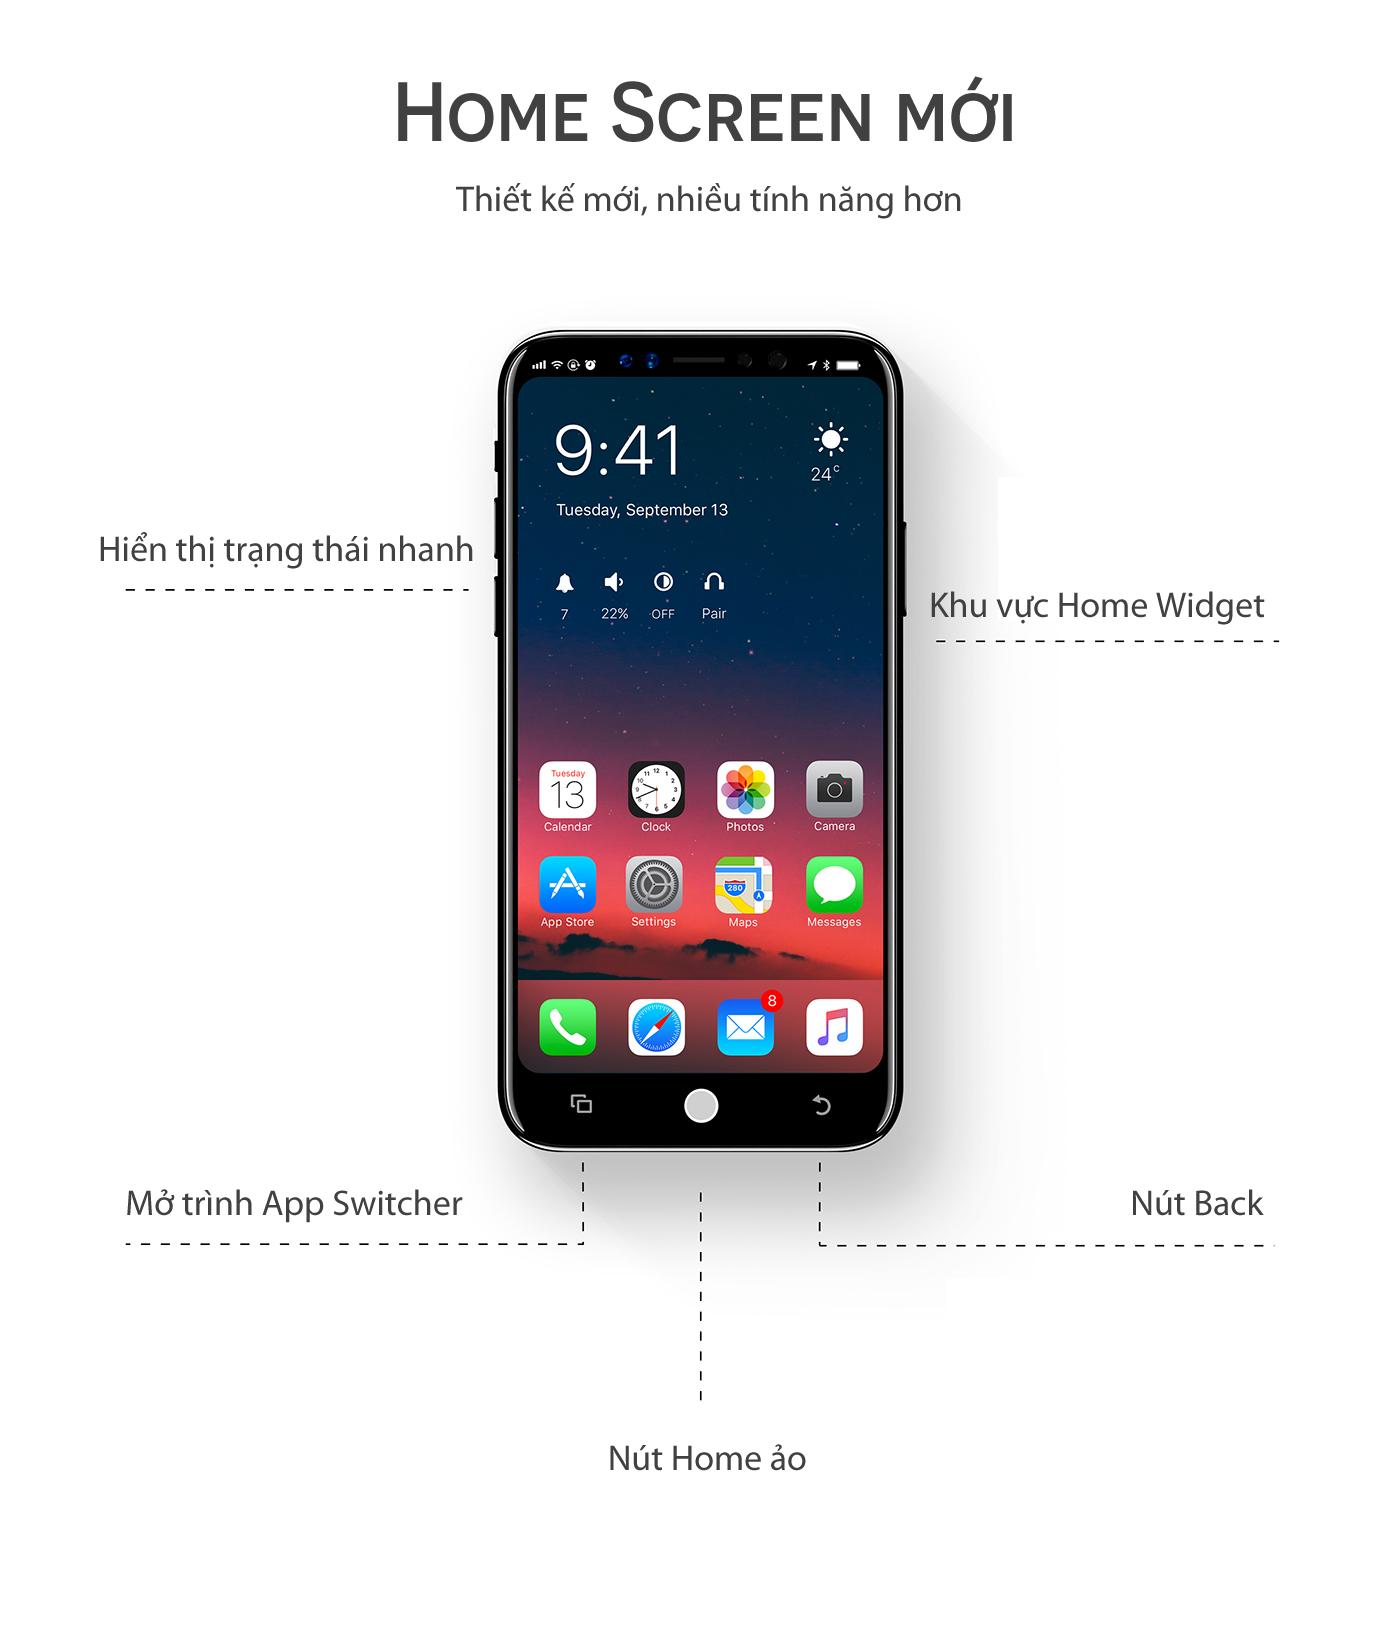 Ngắm tường tận từng ngóc ngách của iPhone 8 để xem nó tuyệt vời đến mức nào - Ảnh 6.